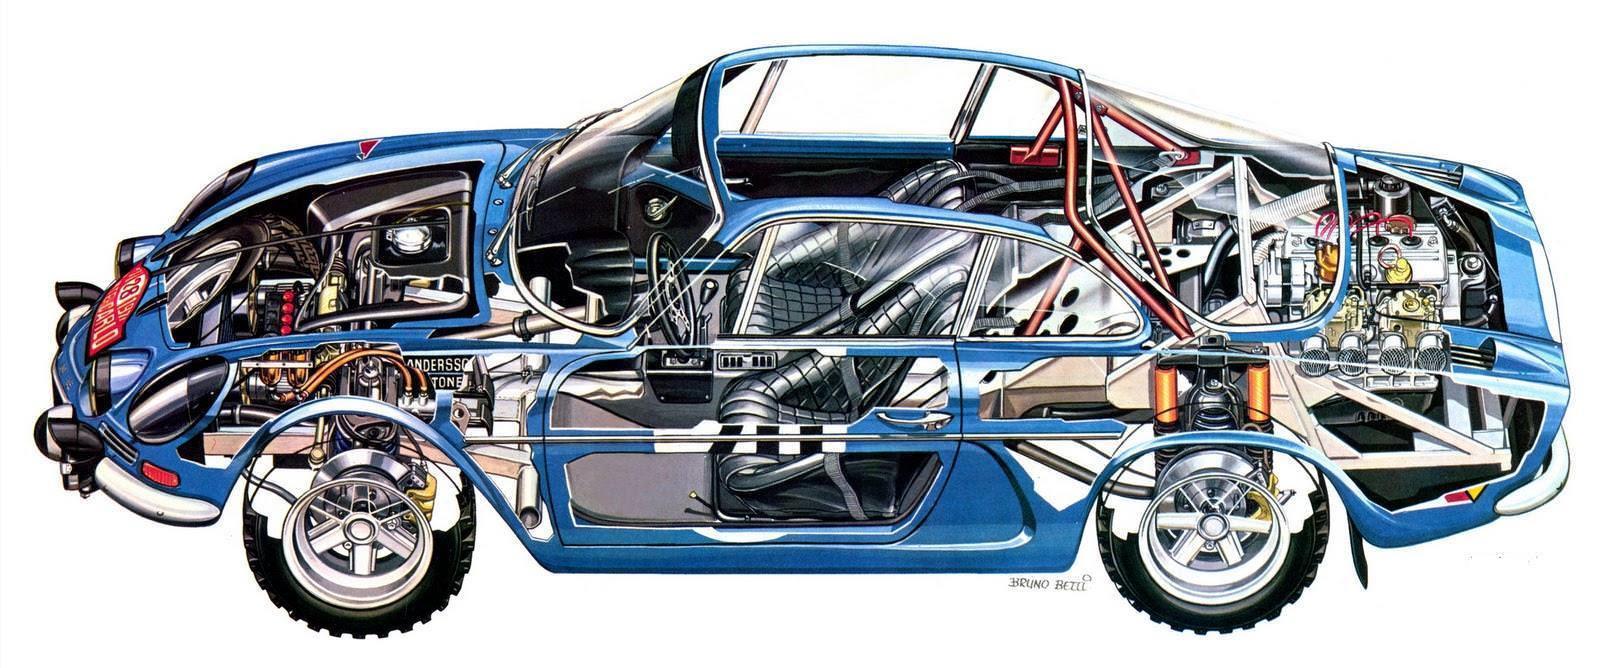 Championnat du mone rallye 1973 Alpine A110 Thérier Darniche Piot Nicolas 24 | Championnat du Monde des Rallyes 1973: Le Triomphe d'Alpine